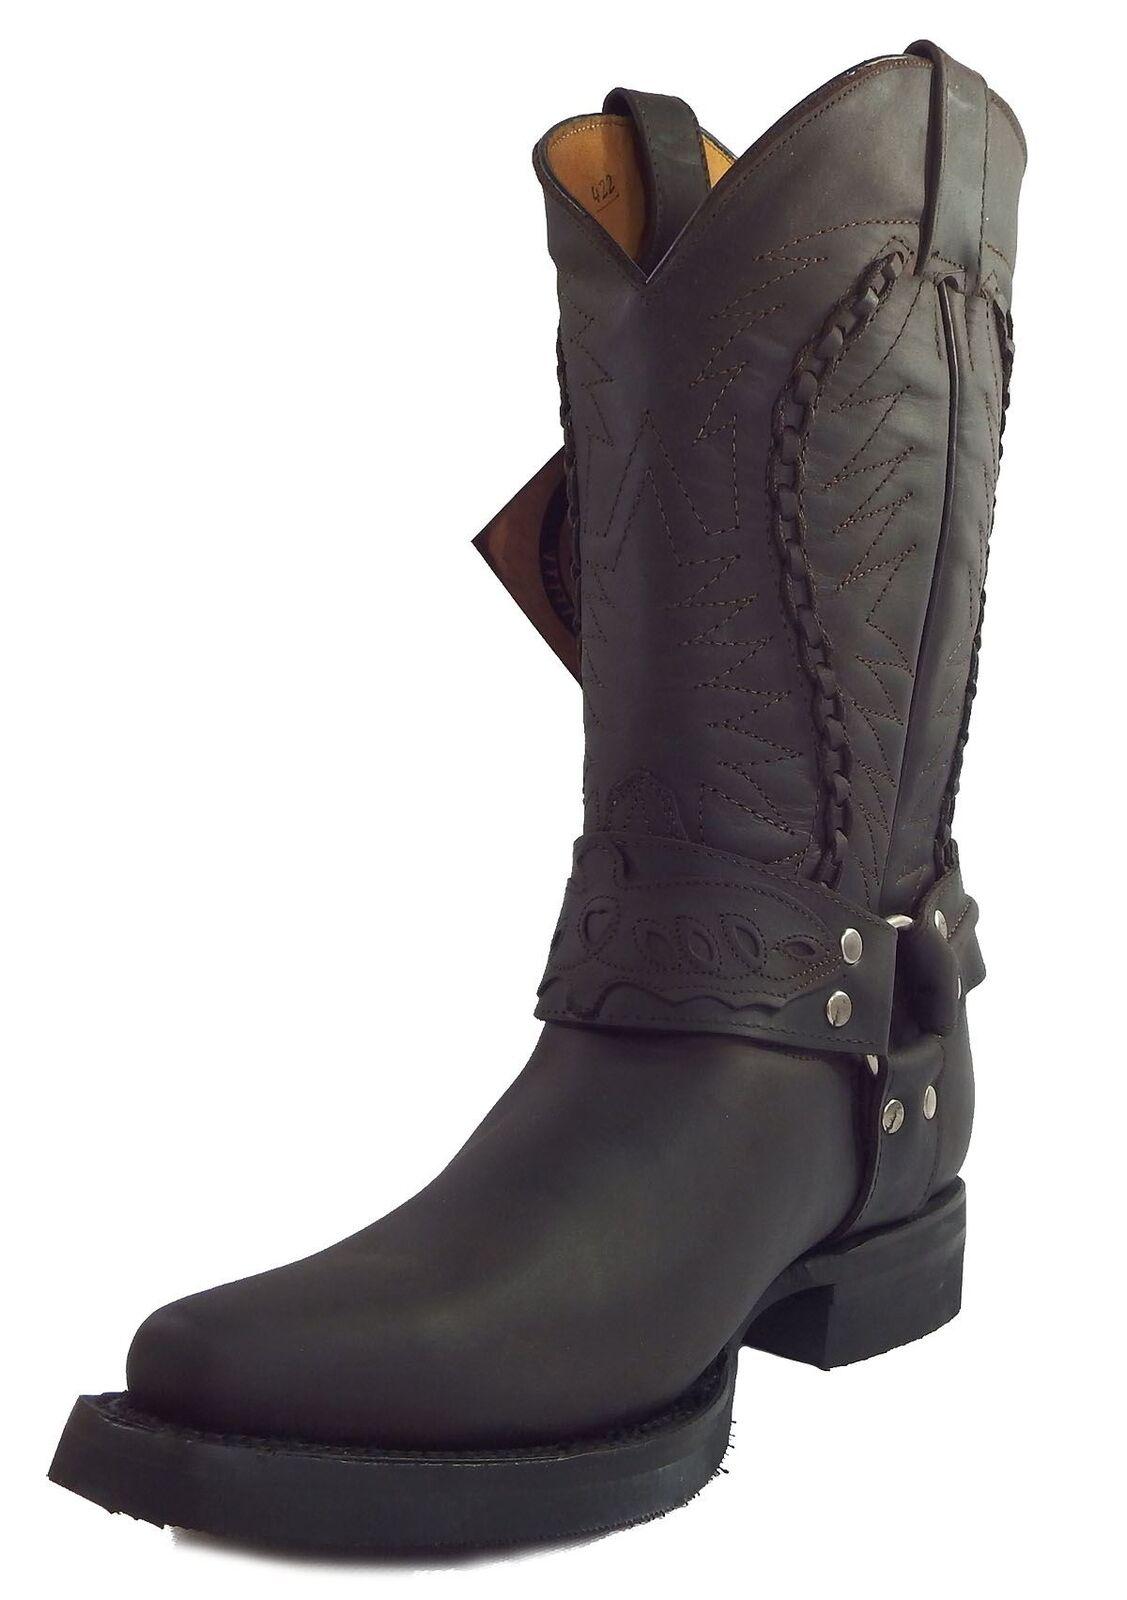 Grandes descuentos nuevos zapatos 3mm Sección 94.5mm orificio CAUCHO vitón anillos-o